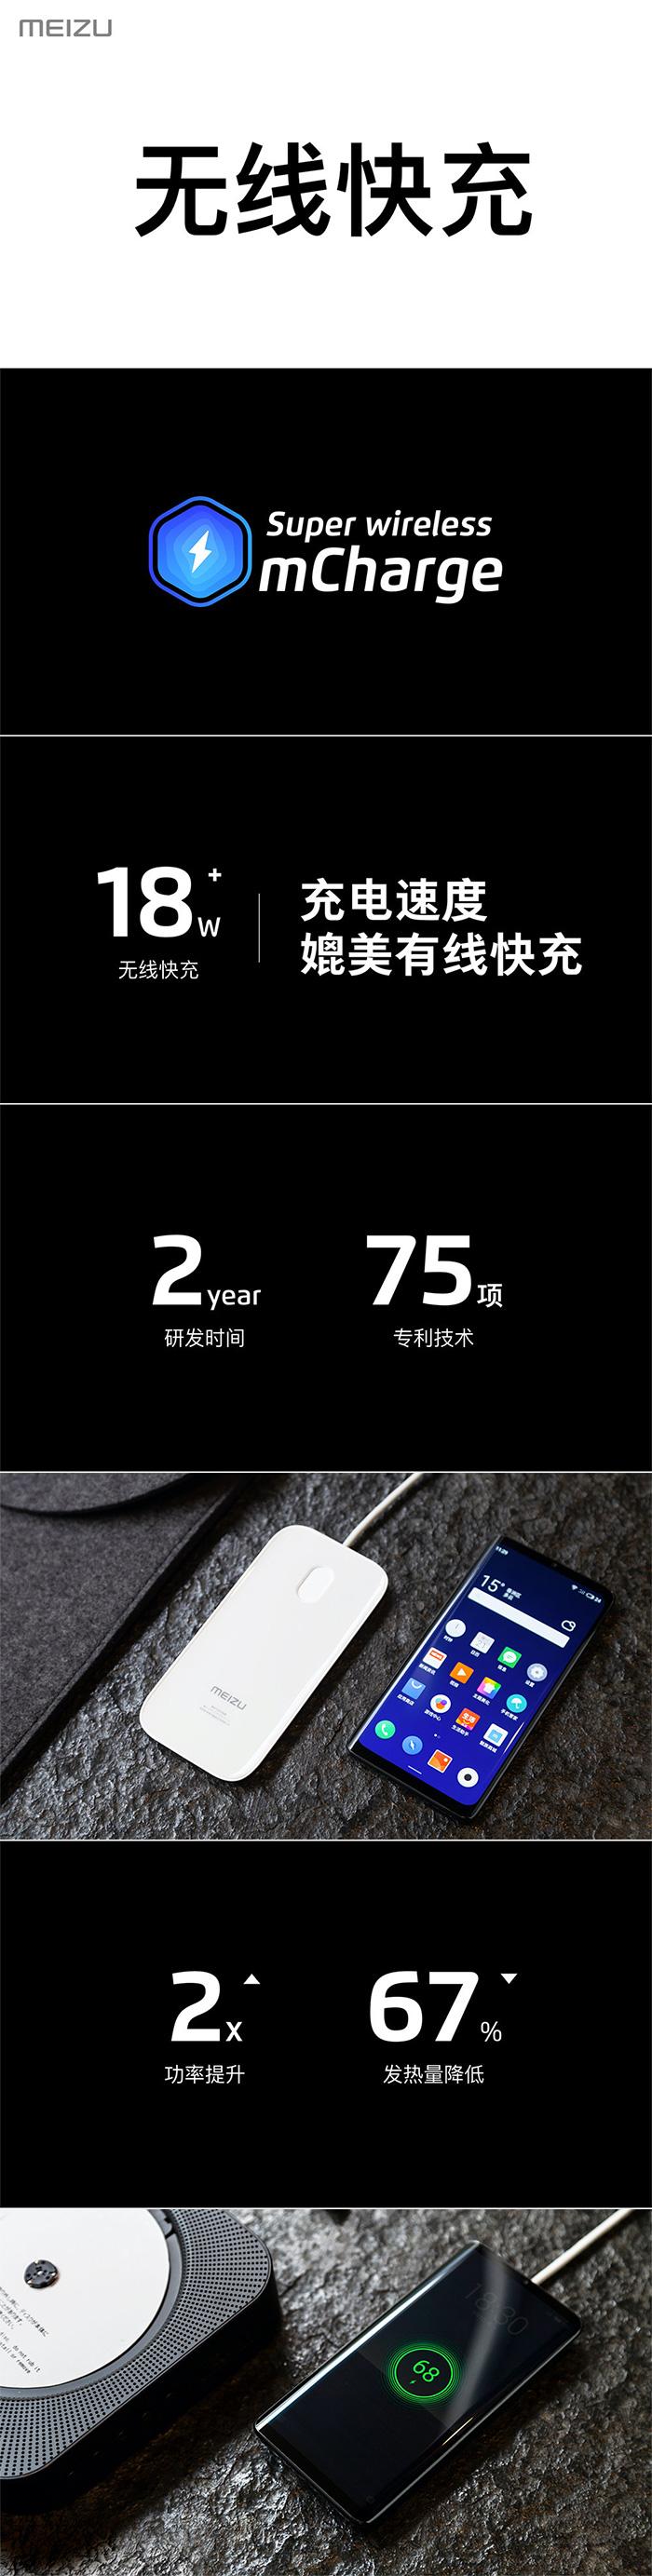 魅族发布几乎完美的Zero无孔手机:SIM卡、充电口等全没了